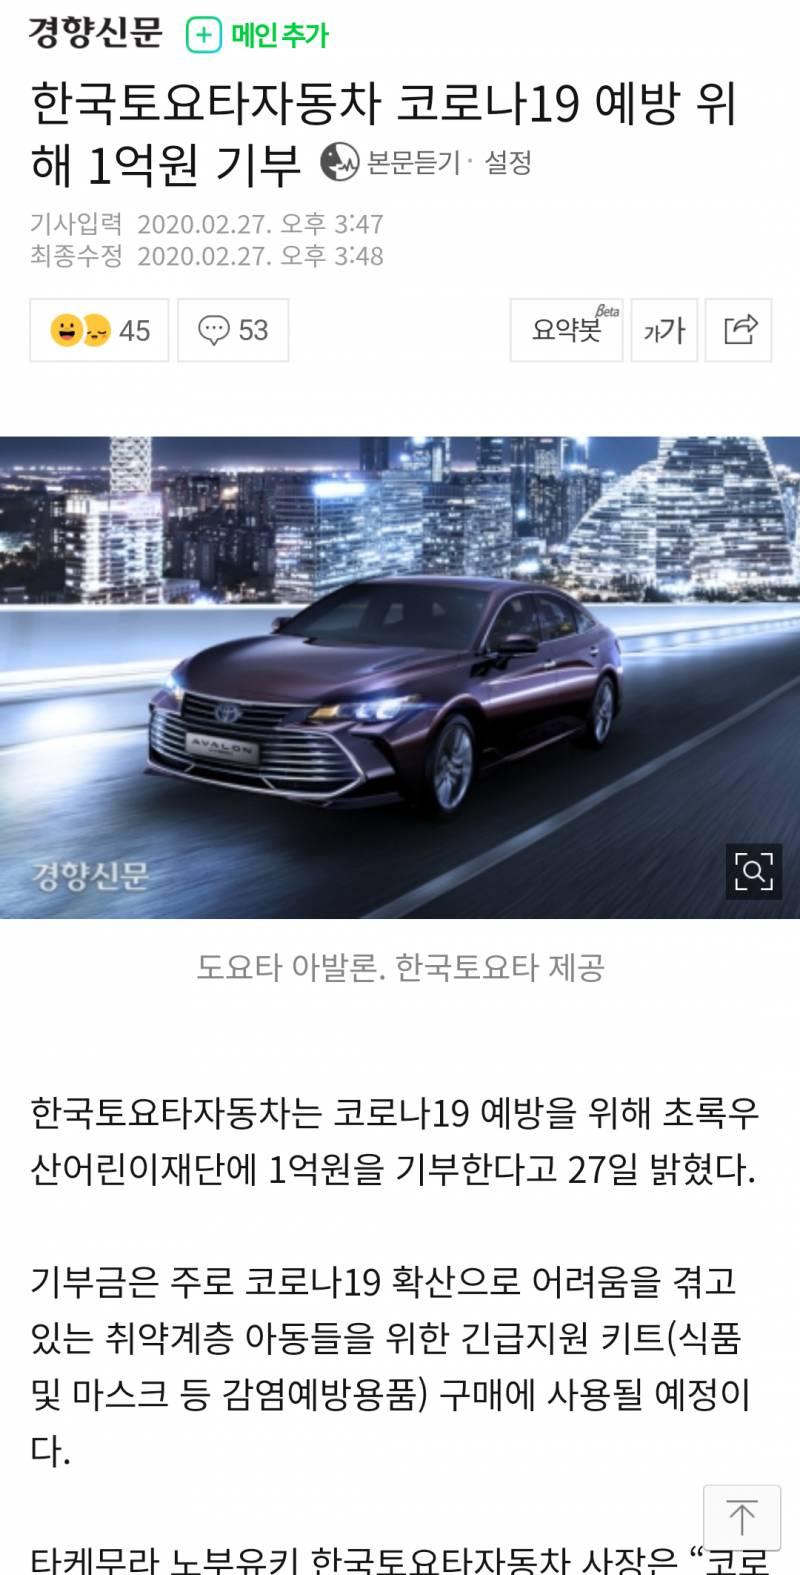 이 판국에 도요타가 한국에 하는 행동 | 인스티즈